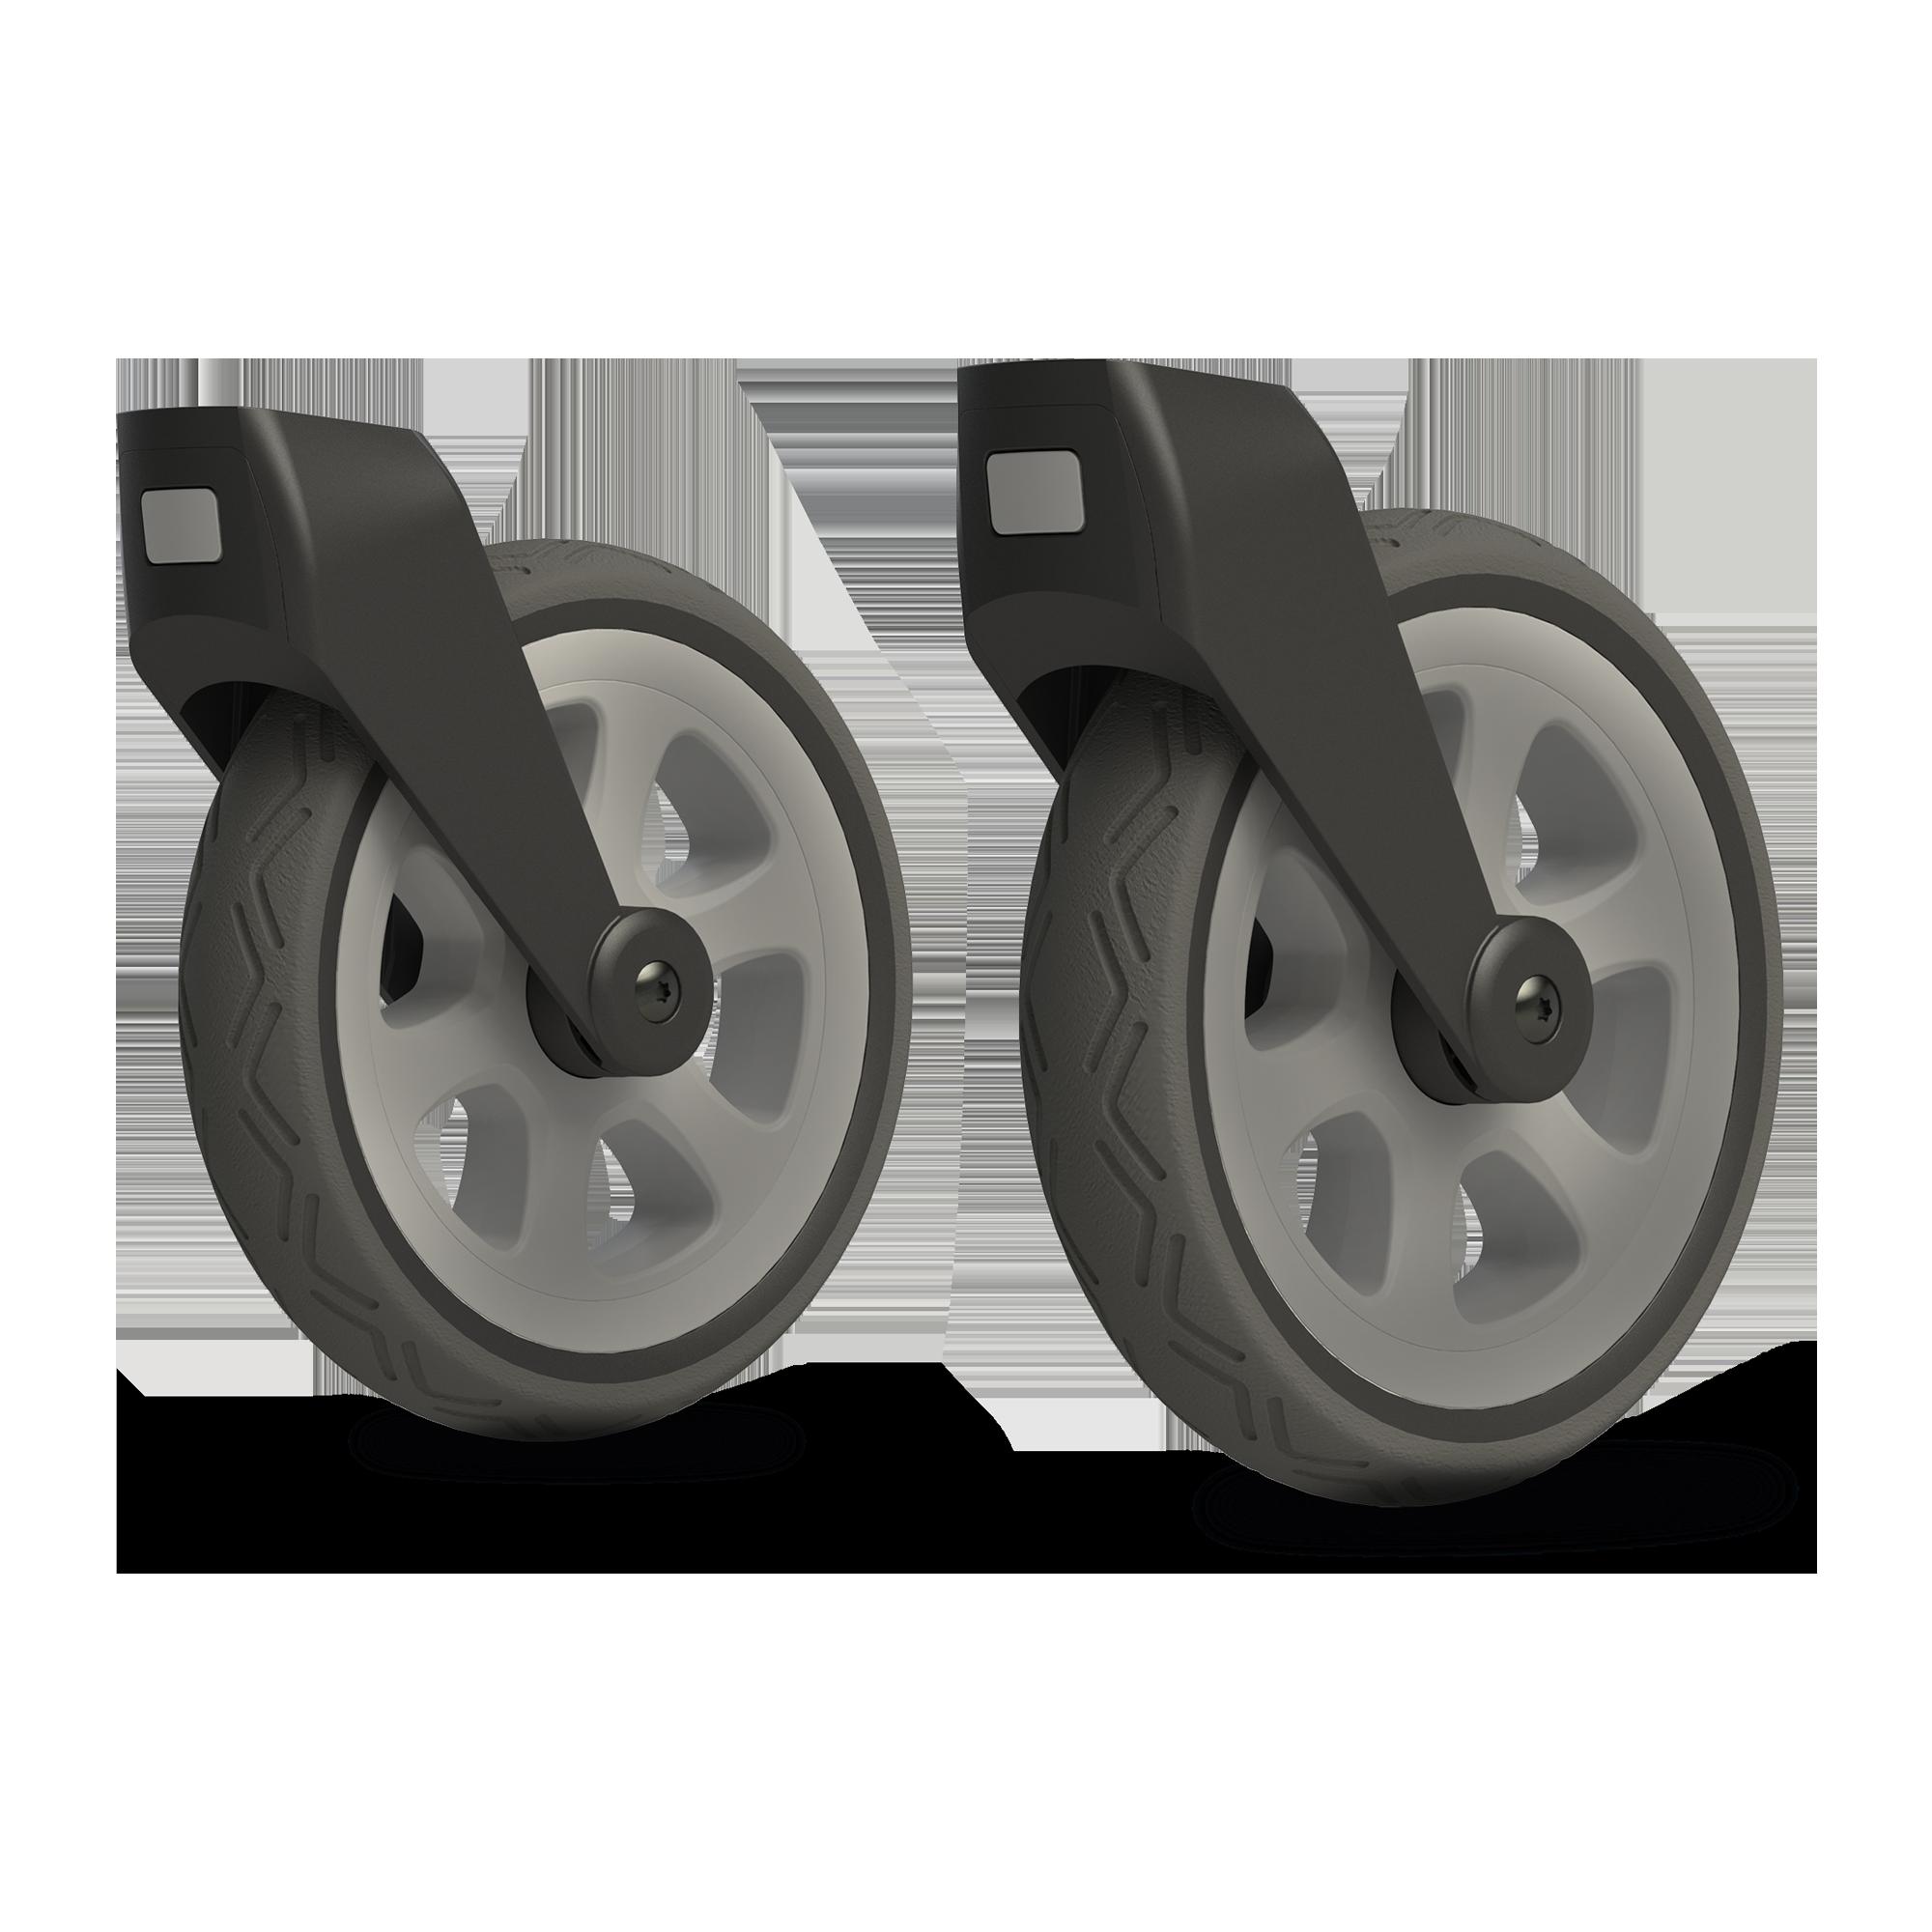 Joolz Day²+³ all-terrain swivel wheels,